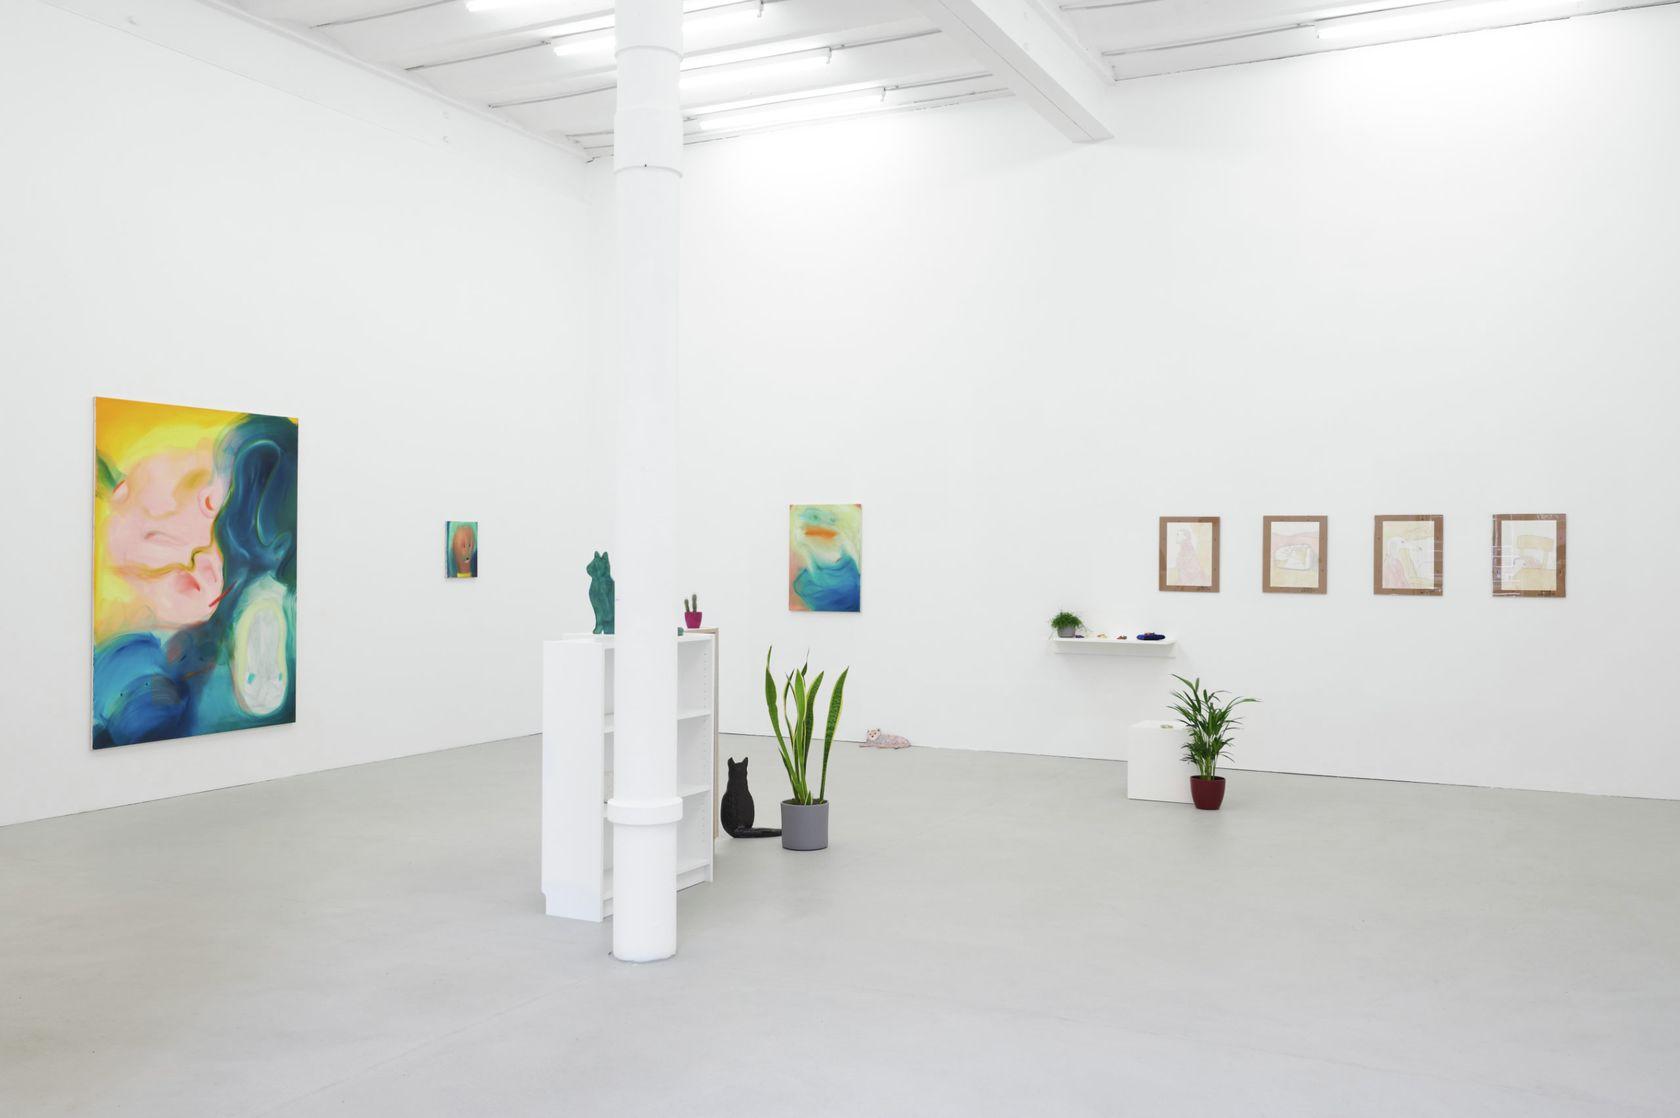 Aneta Kajzer Tiere des Sommers ASPN Galerie, Leipzig (DE) 31 juillet  — 28 août 2021